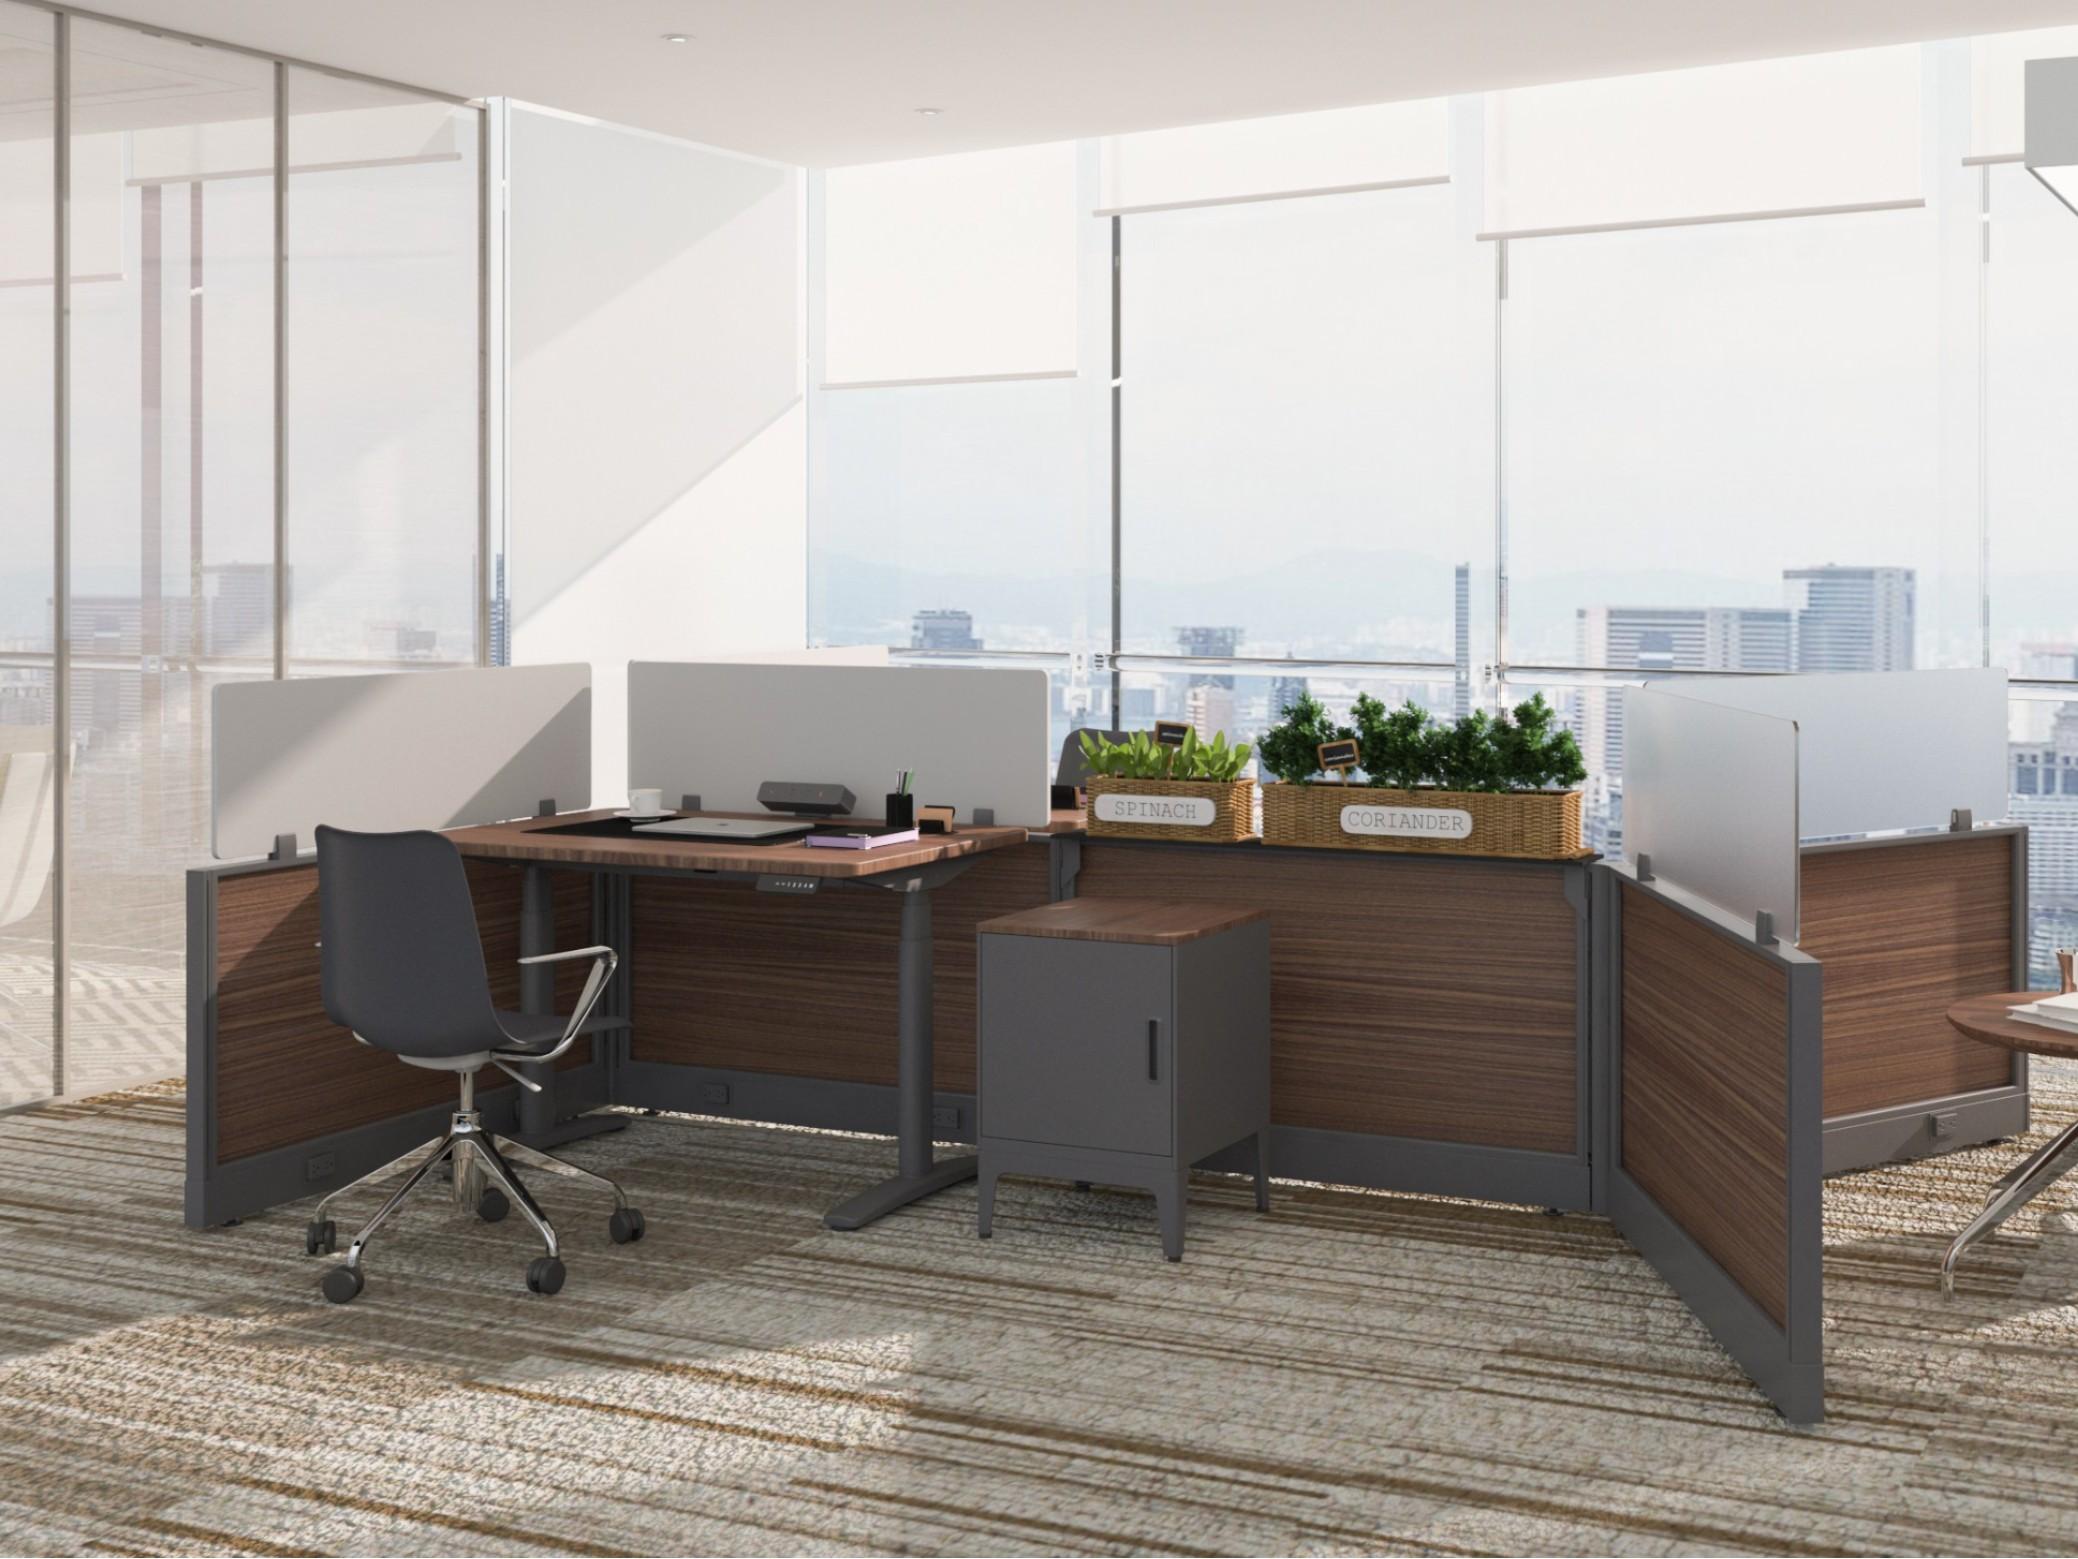 电动升降桌的主要特点和优点